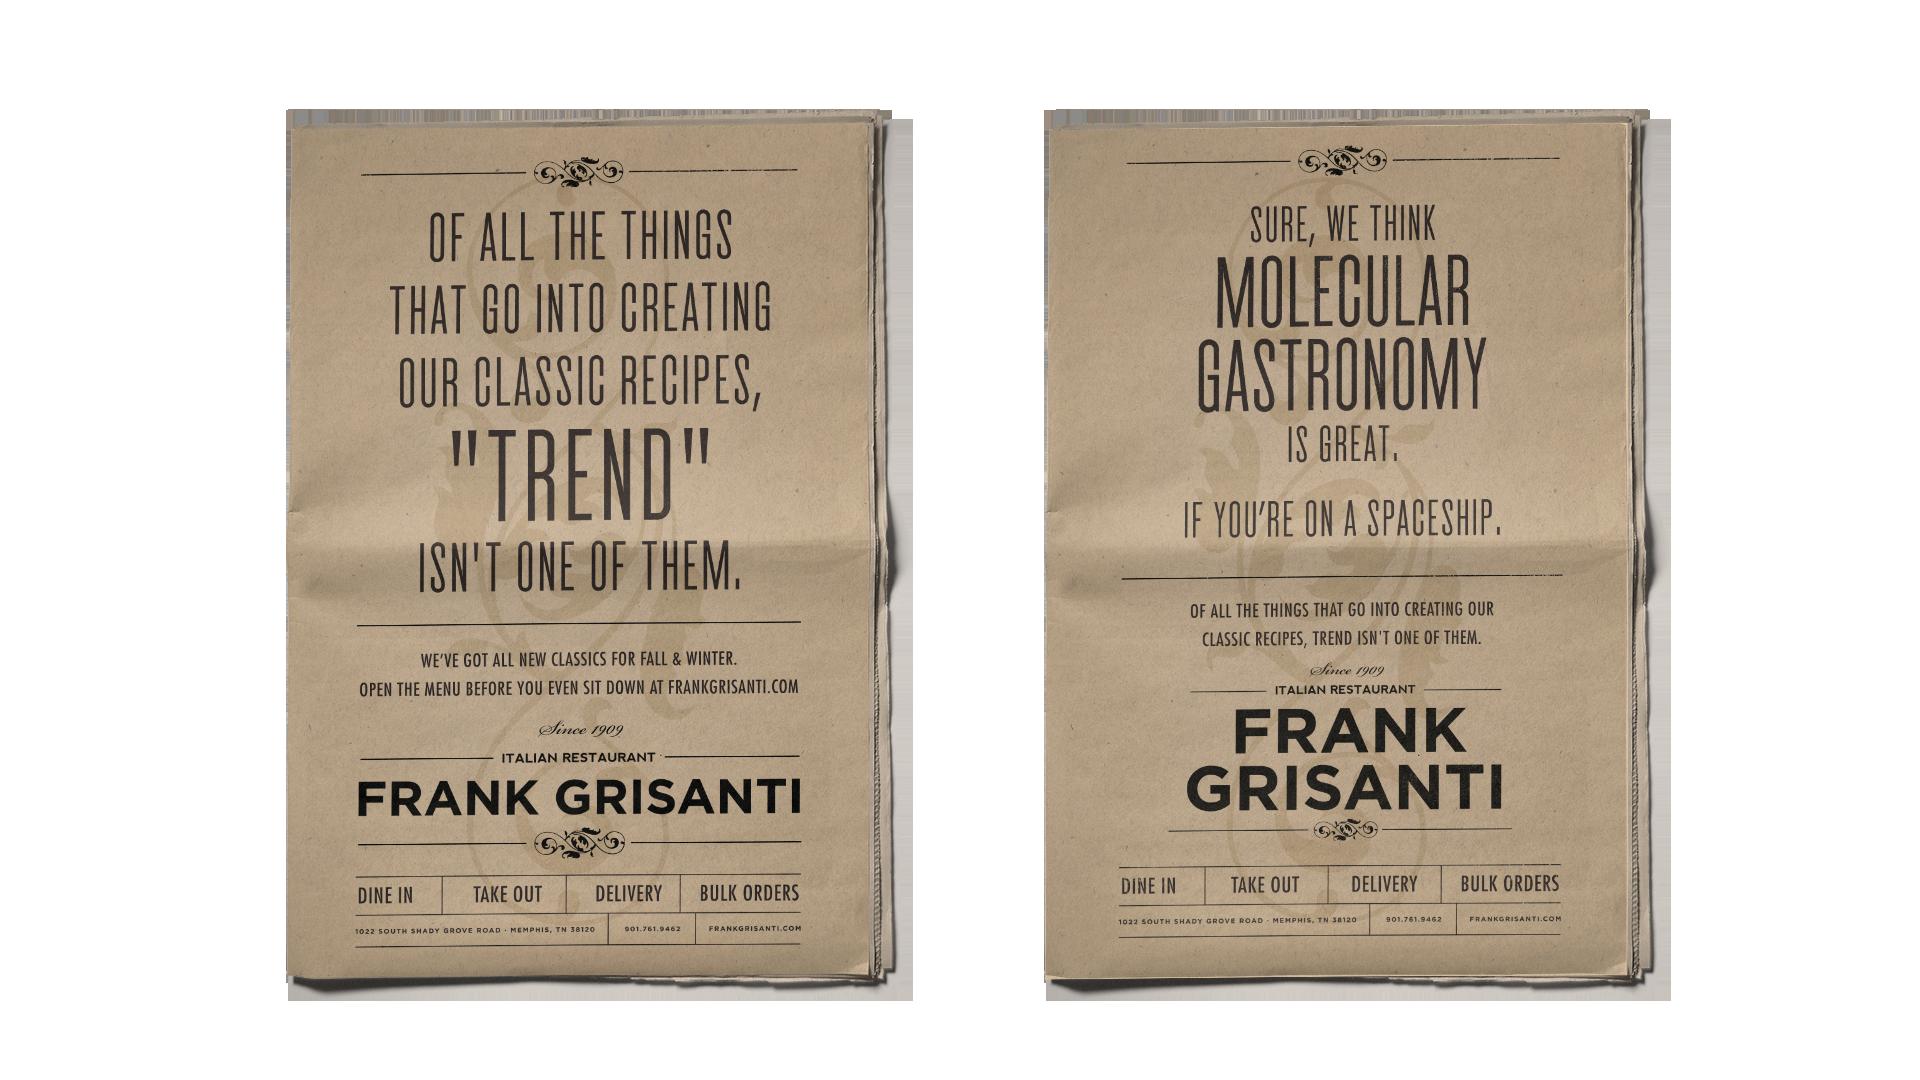 FG-Newsprint-Mockup-1.png